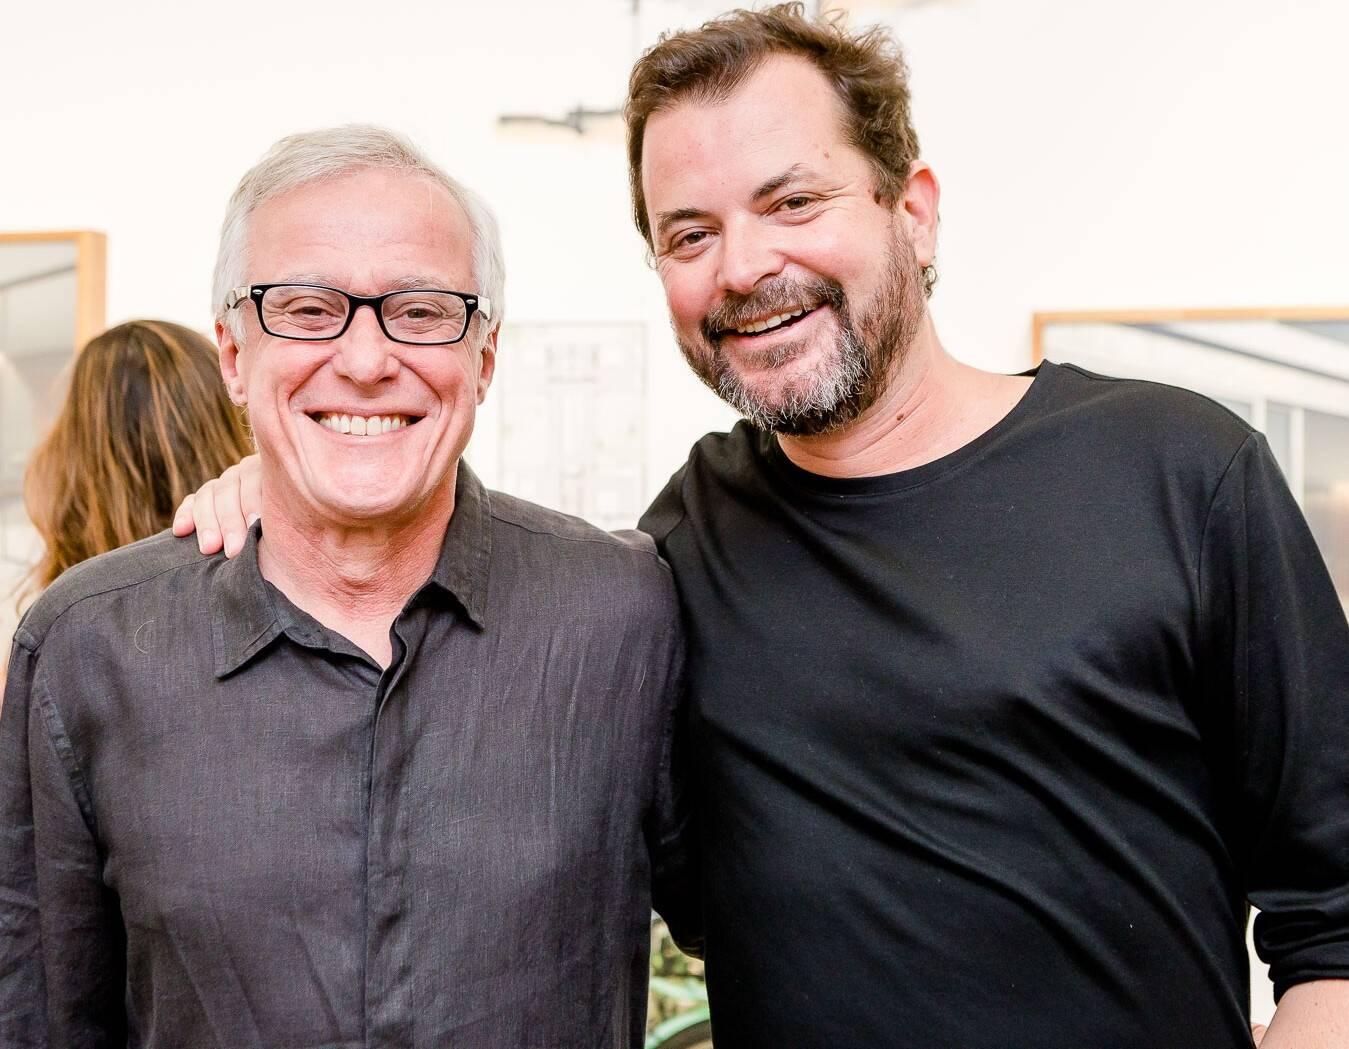 Antonio Paulo Cordeiro e Miguel Pinto Guimarães  /Foto: Bruno Ryfer